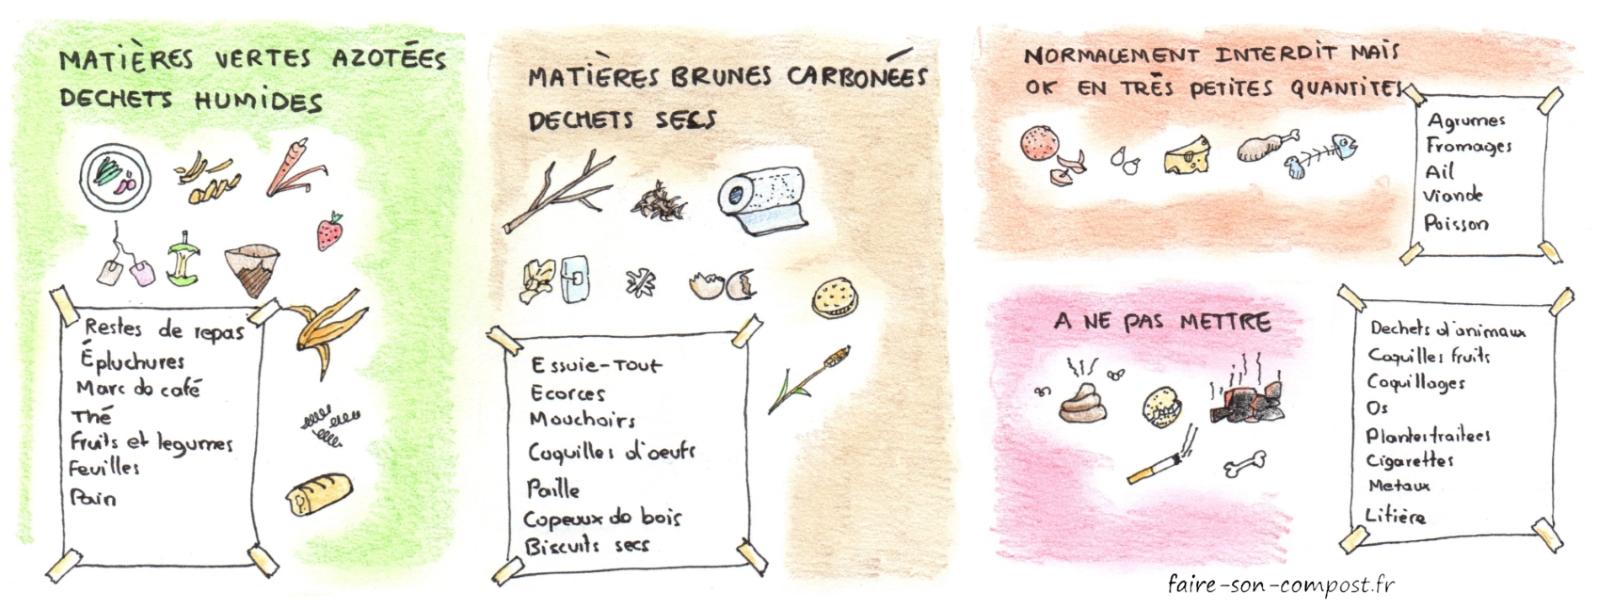 une infographie de ce qu'on peut mettre dans son compost